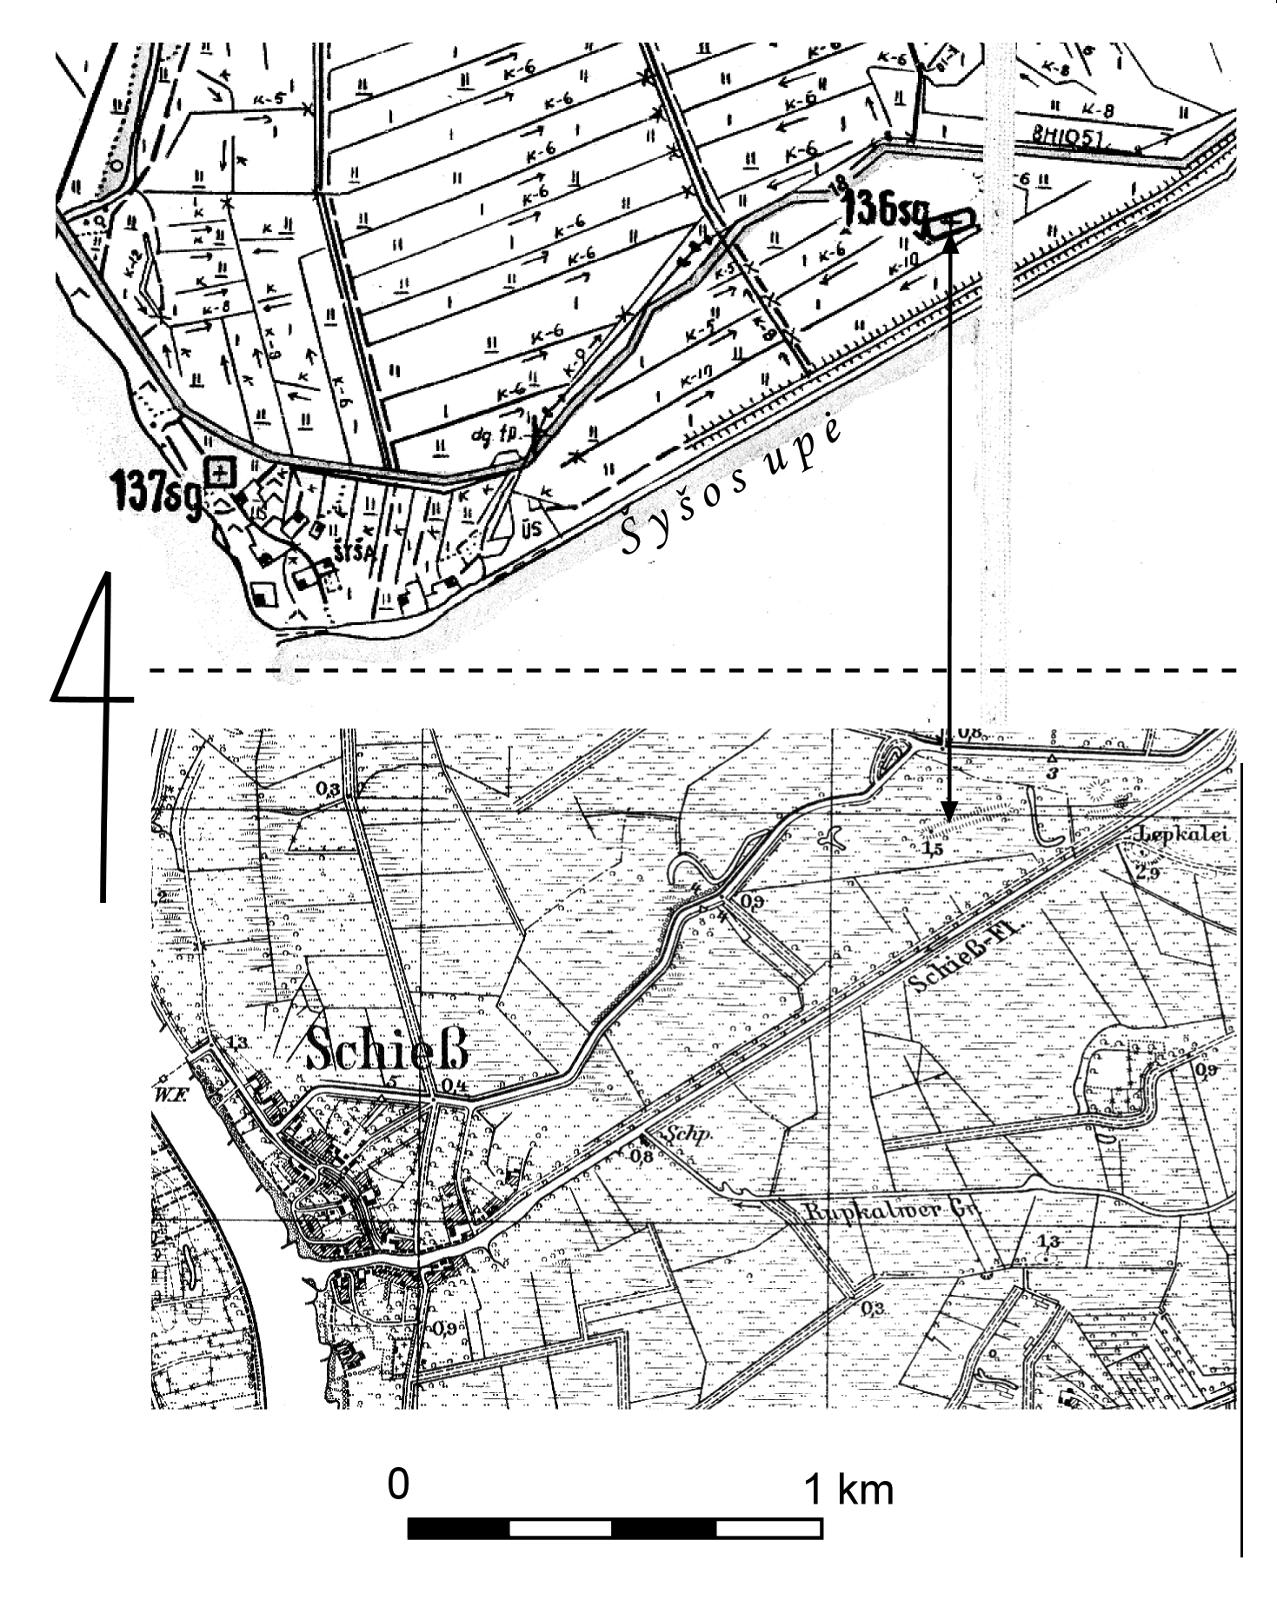 """2 pav. Viršuje – žemėlapio """"Šilutės rajono Kintų J. Čiulados žuvininkystės ūkis: gamtos, istorijos ir kultūros paminklai"""" (1984 m.) fragmentas, vaizduojantis dešinįjį Šyšos krantą su pažymėta Švedkapių (šifras 136sg) ir sunaikintų Šyšos kaimo kapinių (šifras 137sg) vietomis (pagal VIVŽF archyvo nr. 8-01-48). Apačioje – 1912 m. topografinis žemėlapis. Linija su rodyklėmis rodo Švedkapių vietą / Fig. 2. Above – Part of a map """"Šilutės rajono Kintų J. Čiulados žuvininkystės ūkis: gamtos, istorijos ir kultūros paminklai"""" (1984) showing the right side of the village of Šyša with the Švedkapiai (136sg) and desecrated village cemetery (137sg) (VIVŽF Archive No. 8-01-48). Below – 1912 topographical map showing the site of the Švedkapiai"""